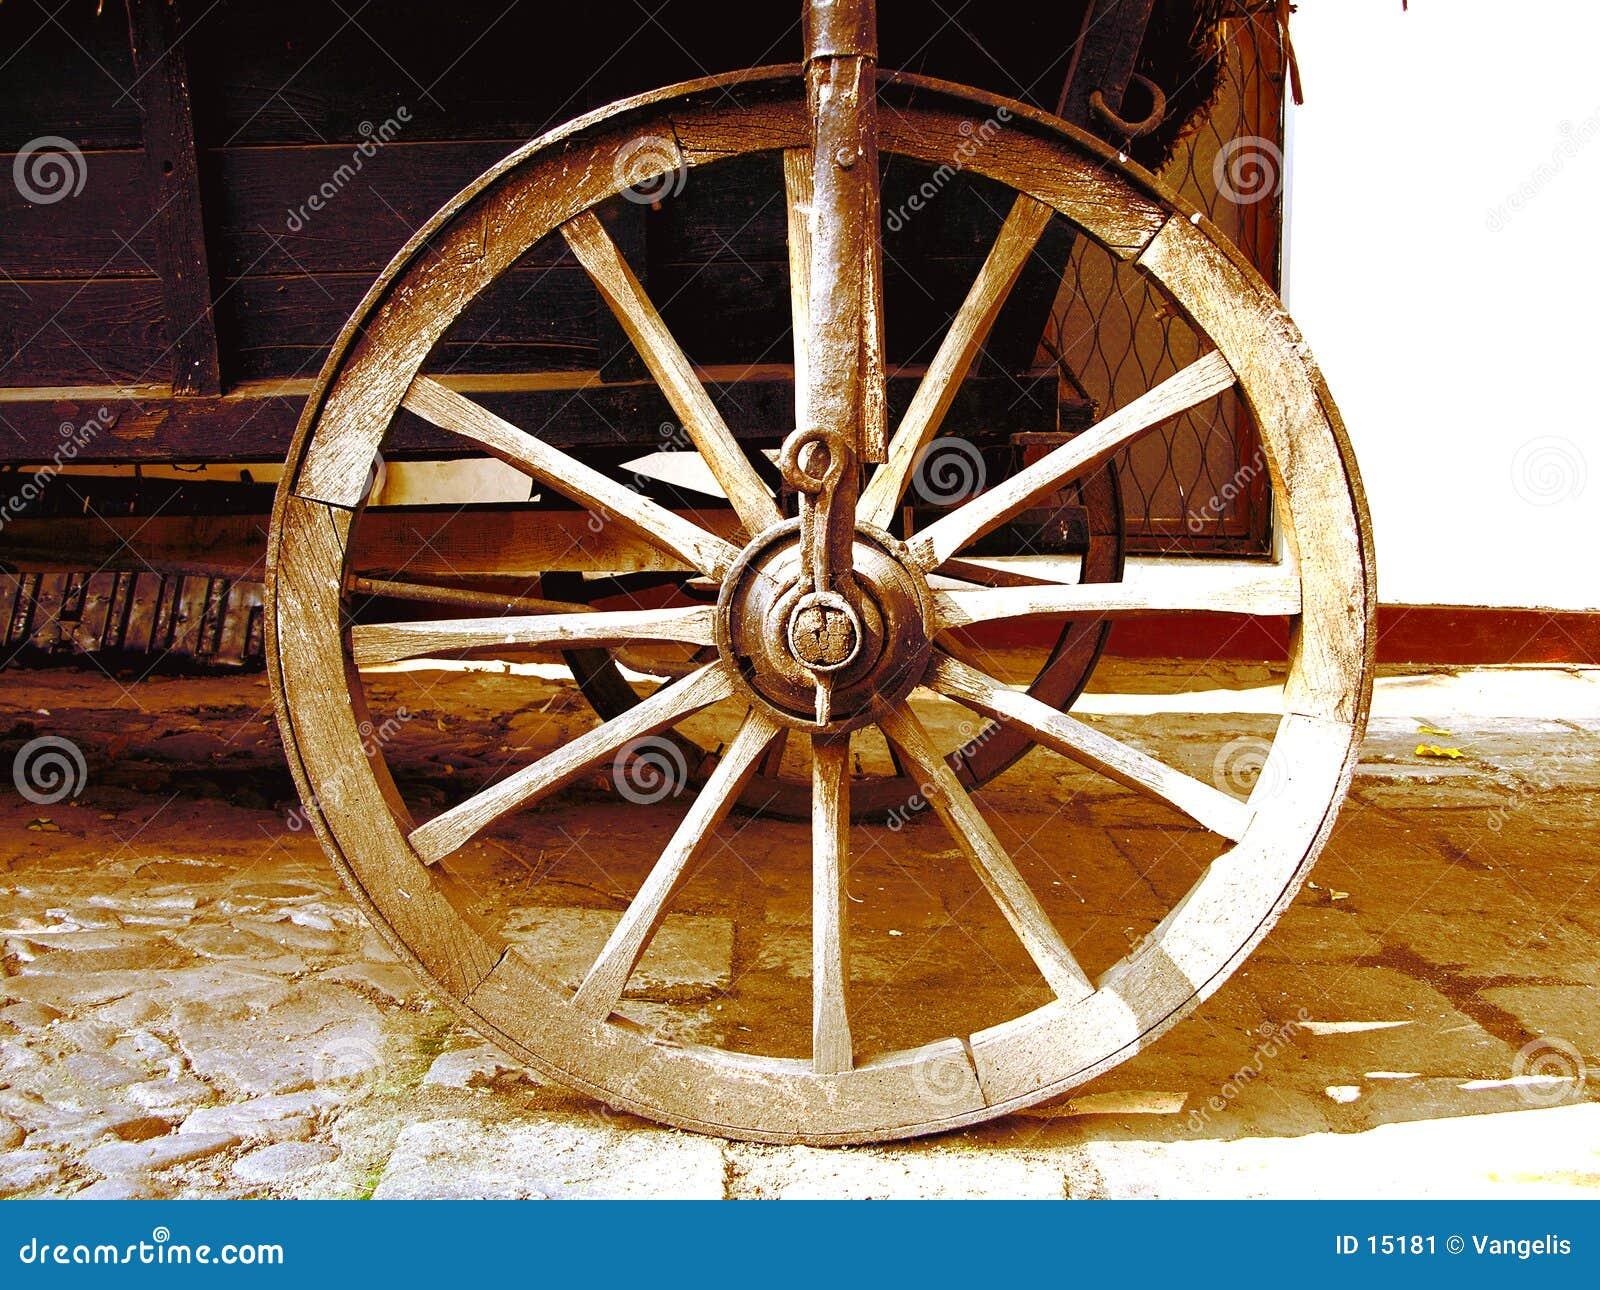 Roda de vagão antiga